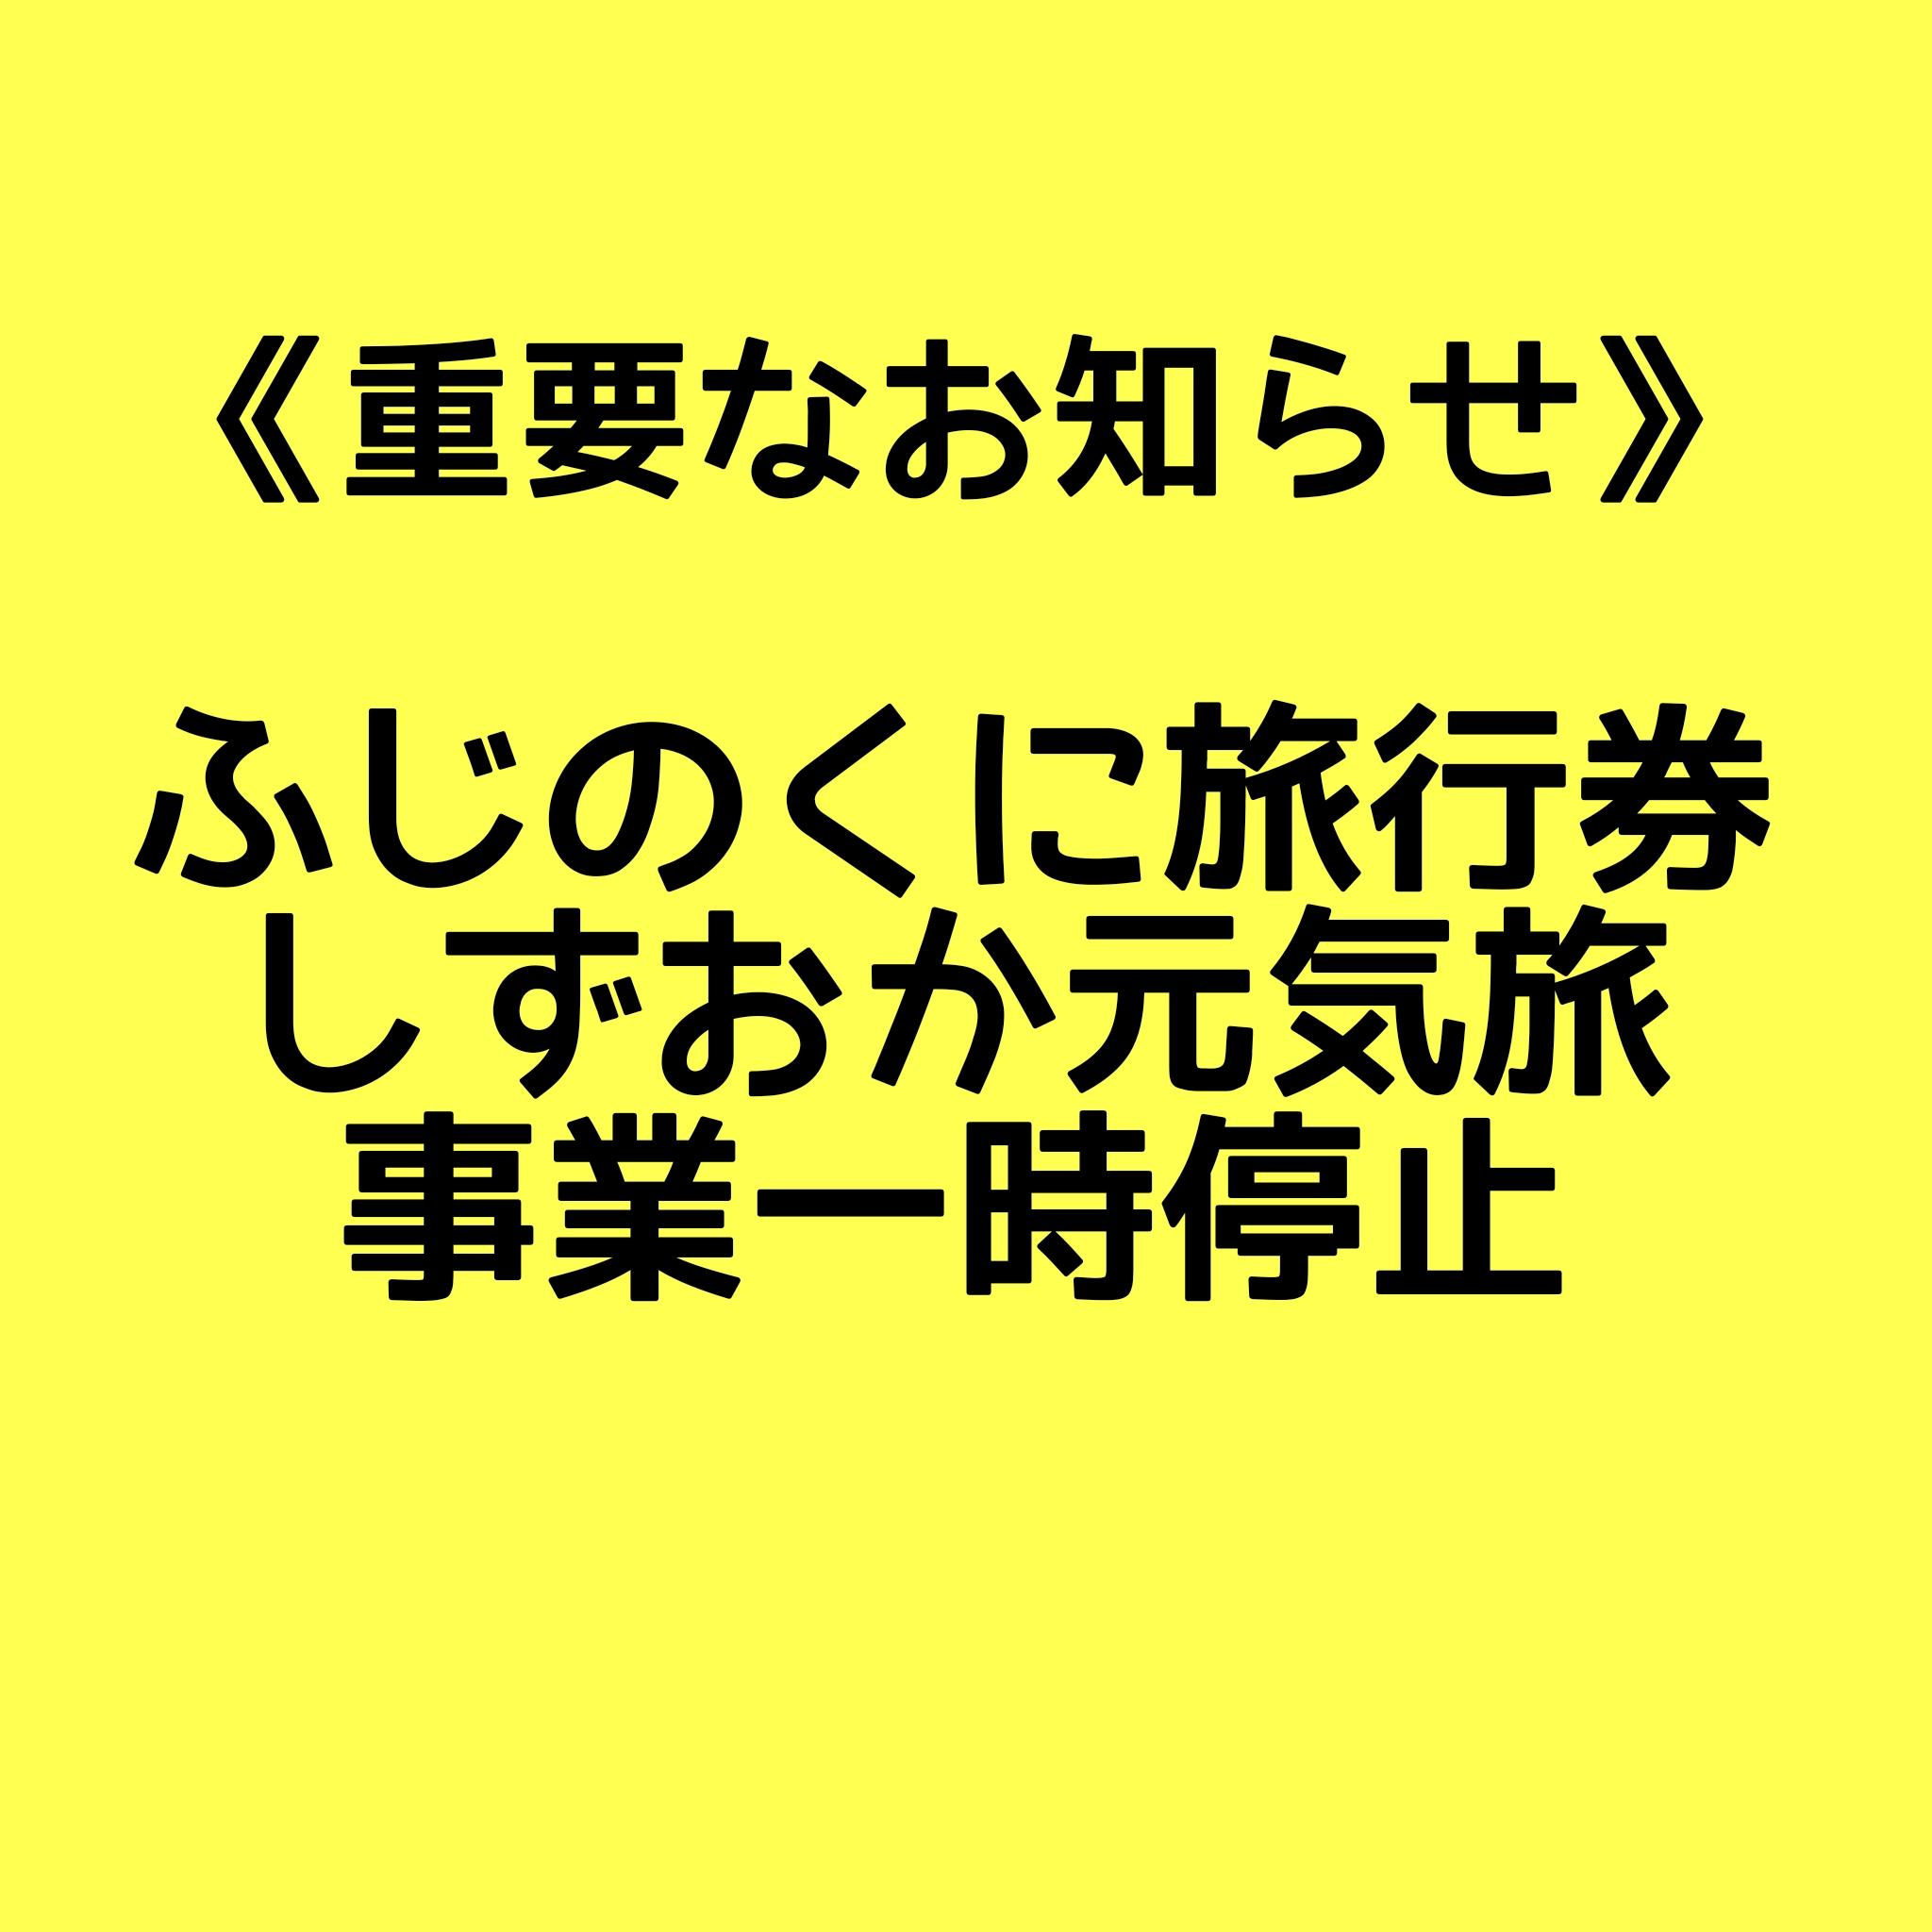 バイ・シズオカ~今こそ!しずおか!!元気旅!!!~事業一部停止のご案内